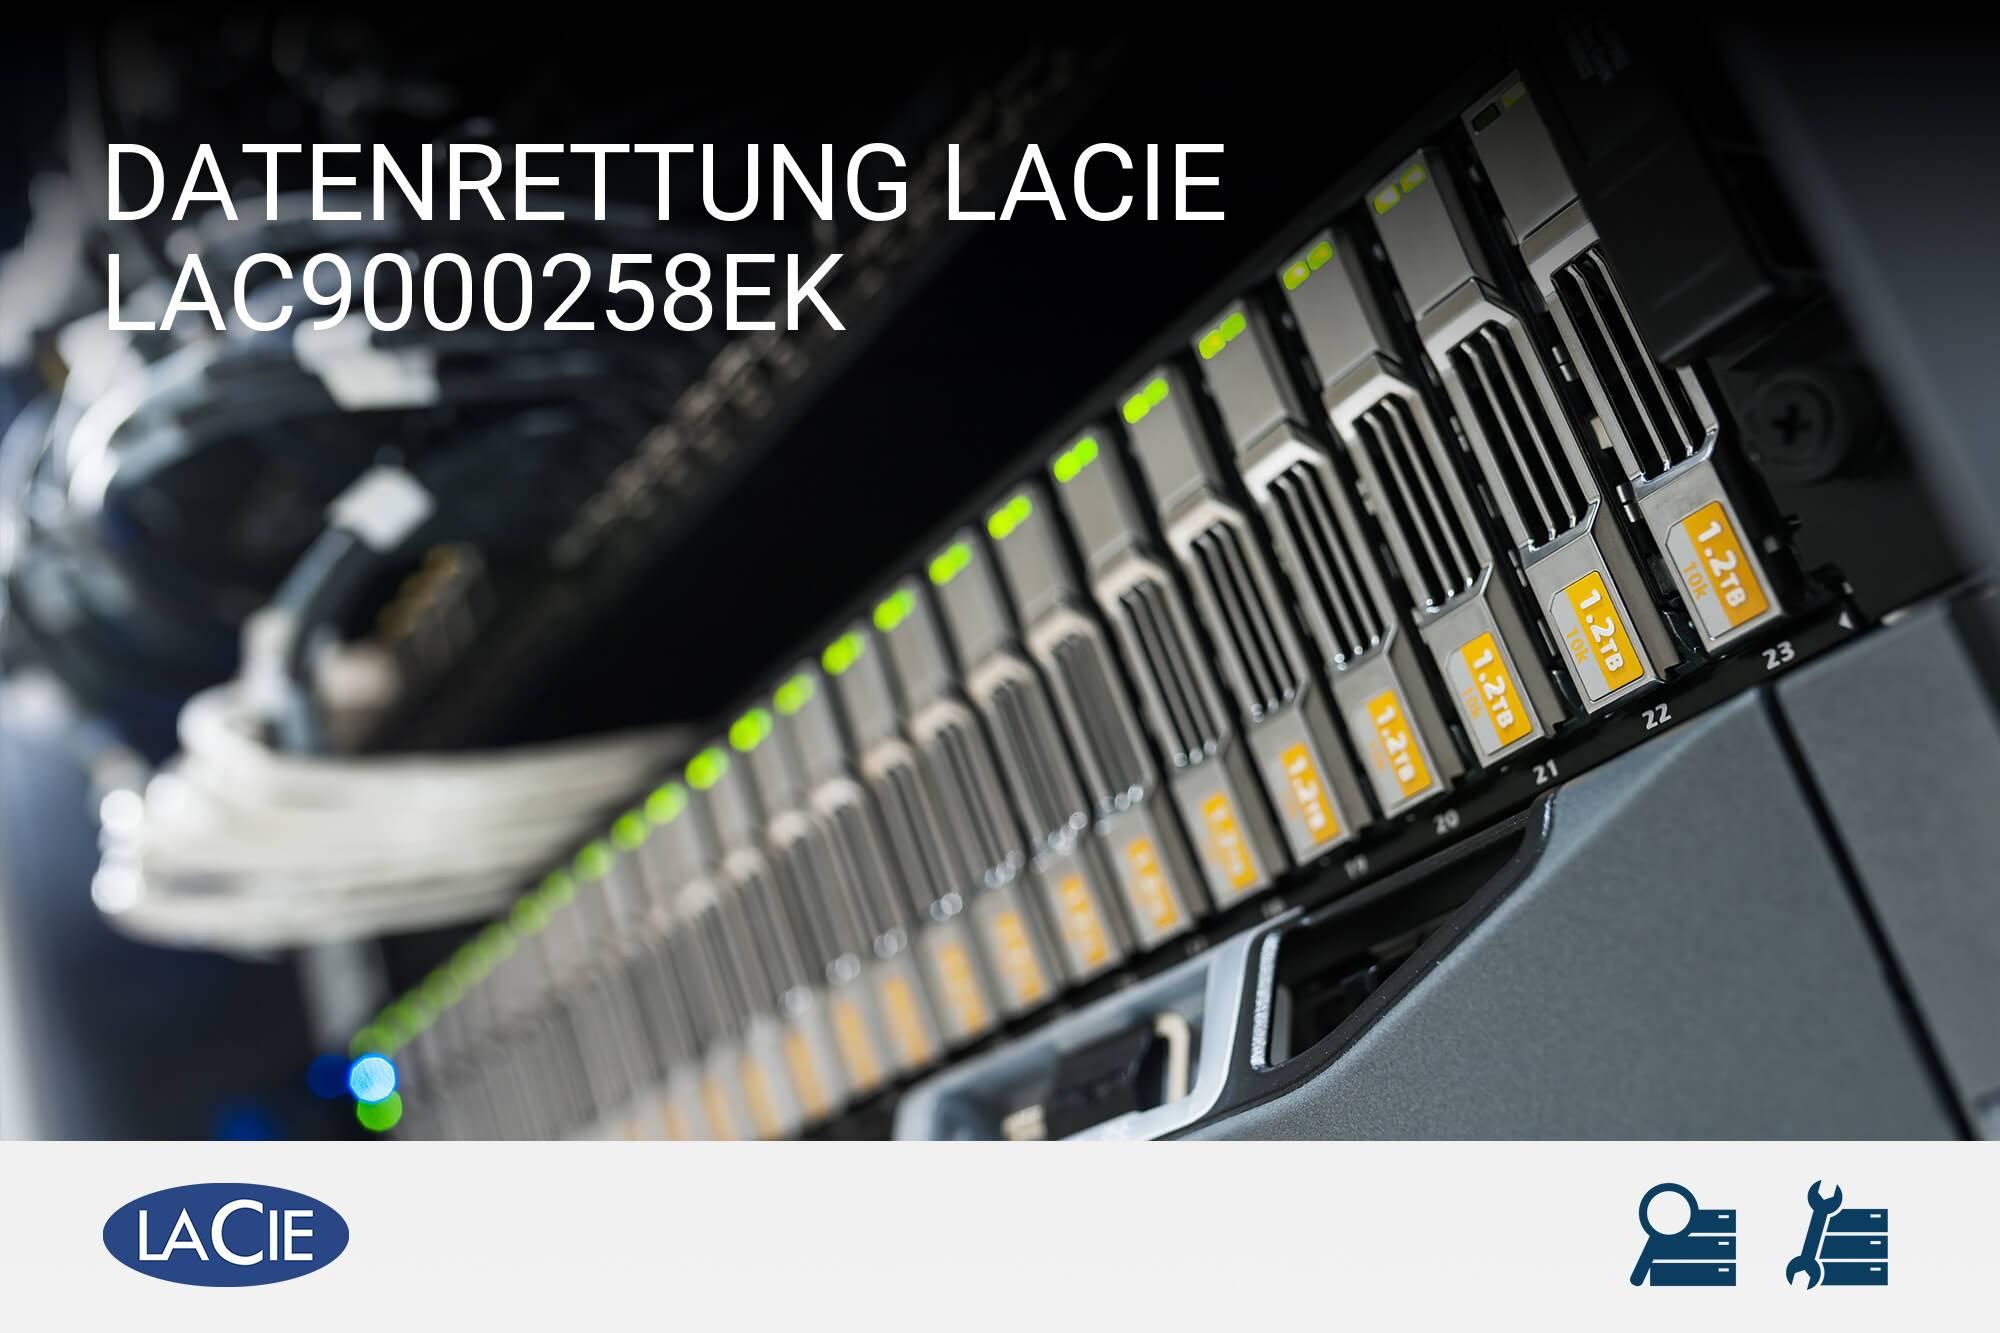 LaCie LAC9000258EK